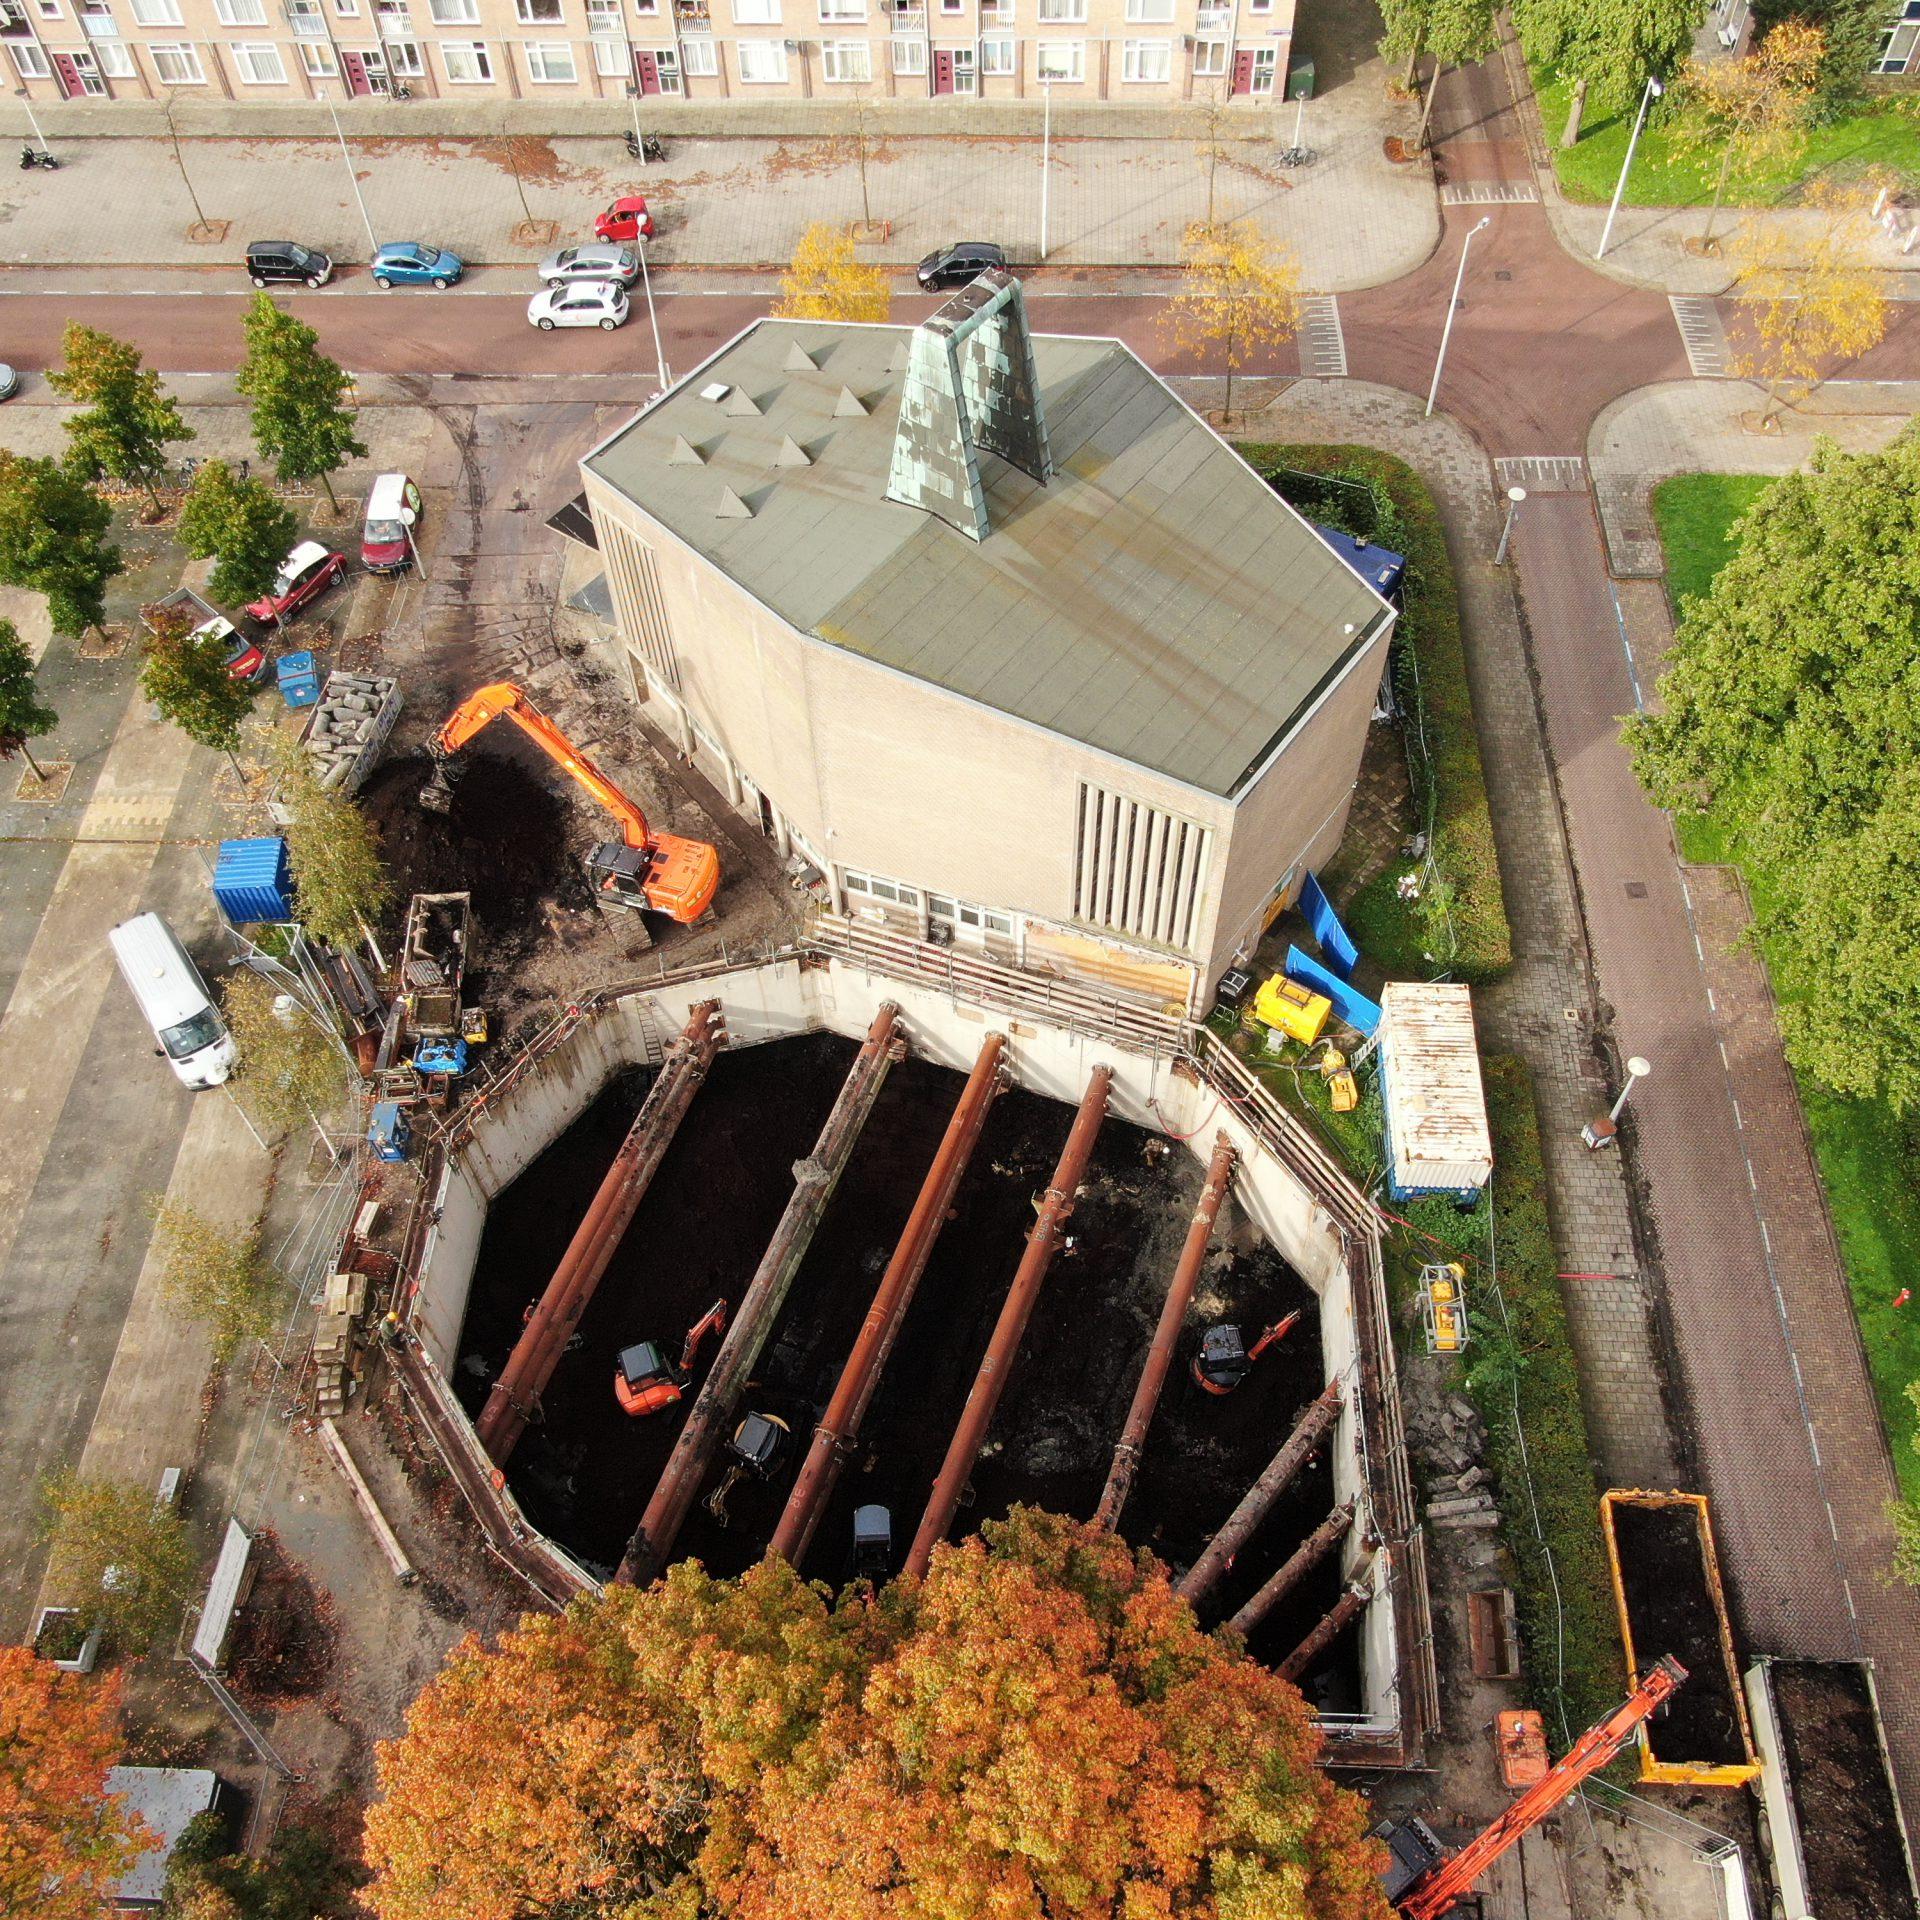 Moskee Amsterdam Afzinkkelder